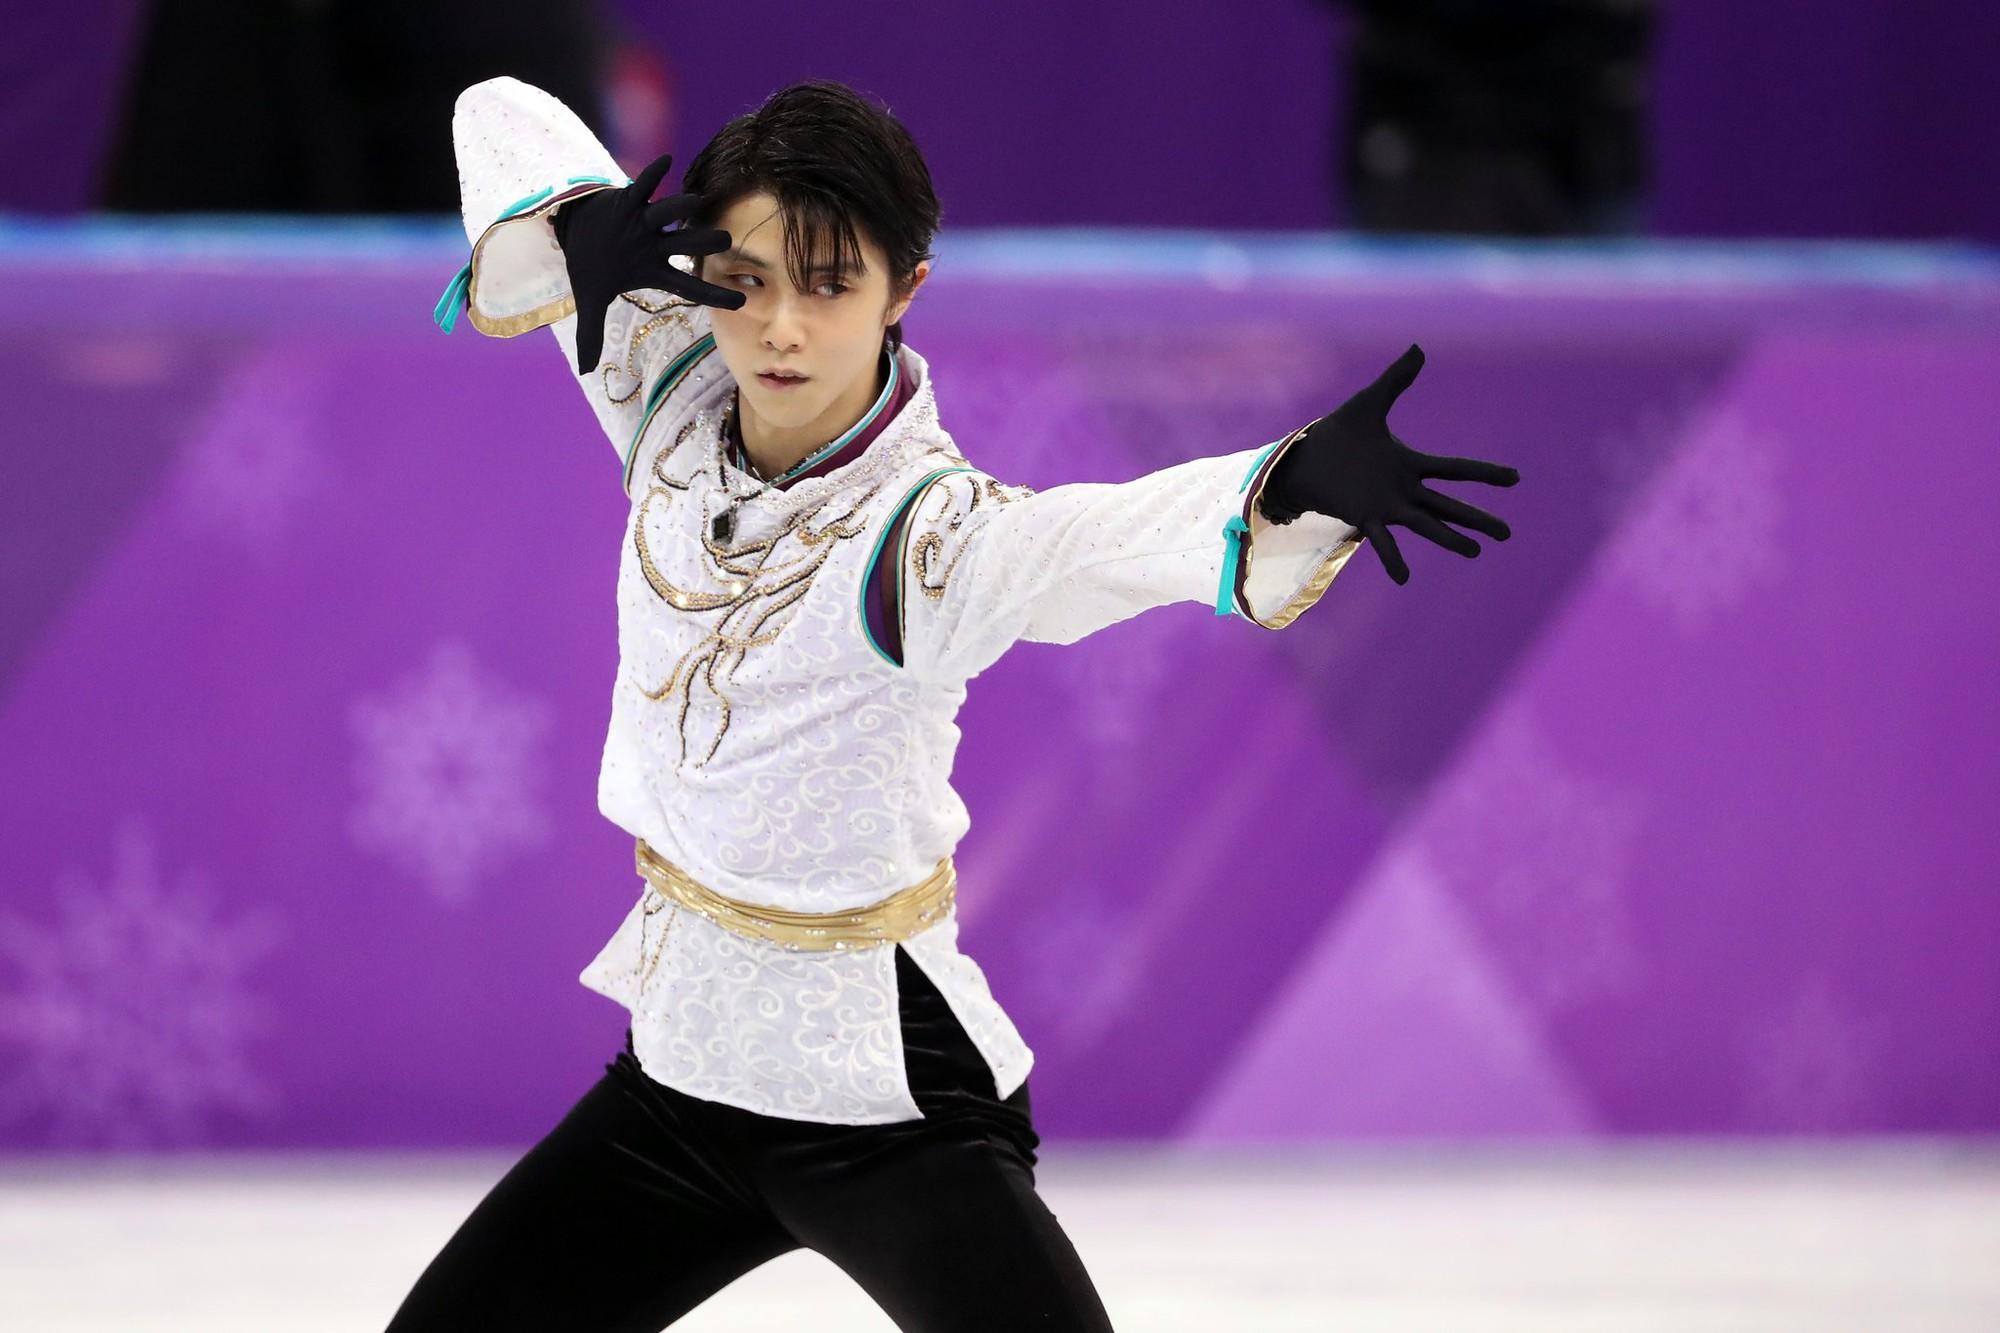 Clip: Yuzuru Hanyu vượt qua thảm họa động đất, chinh phục giấc mơ Olympic - Ảnh 2.